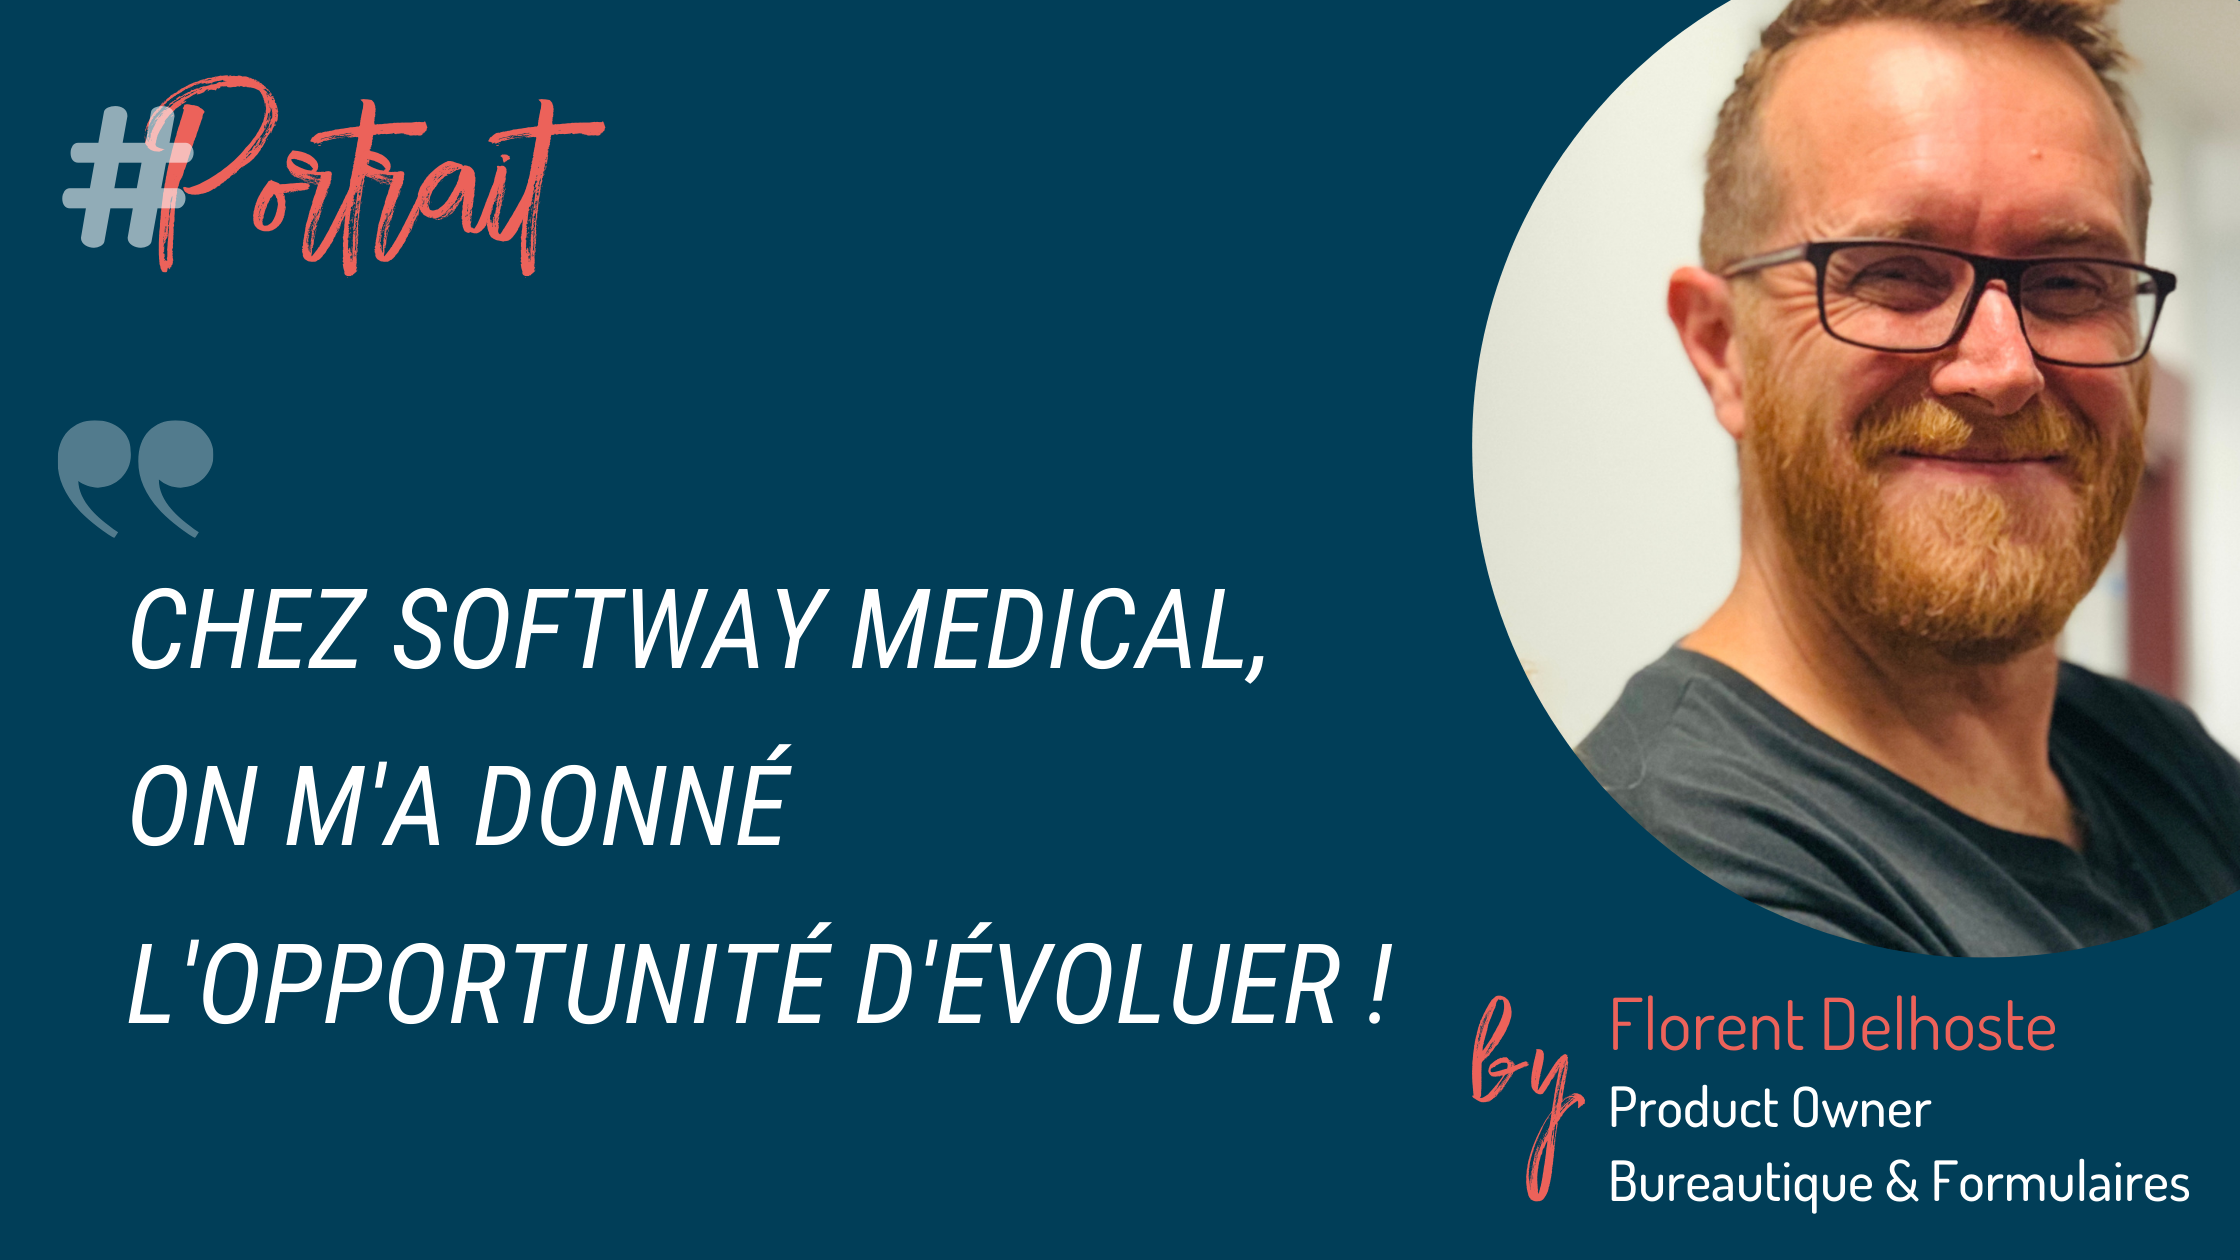 Florent Delhoste, Product Owner Bureautique & Formulaires